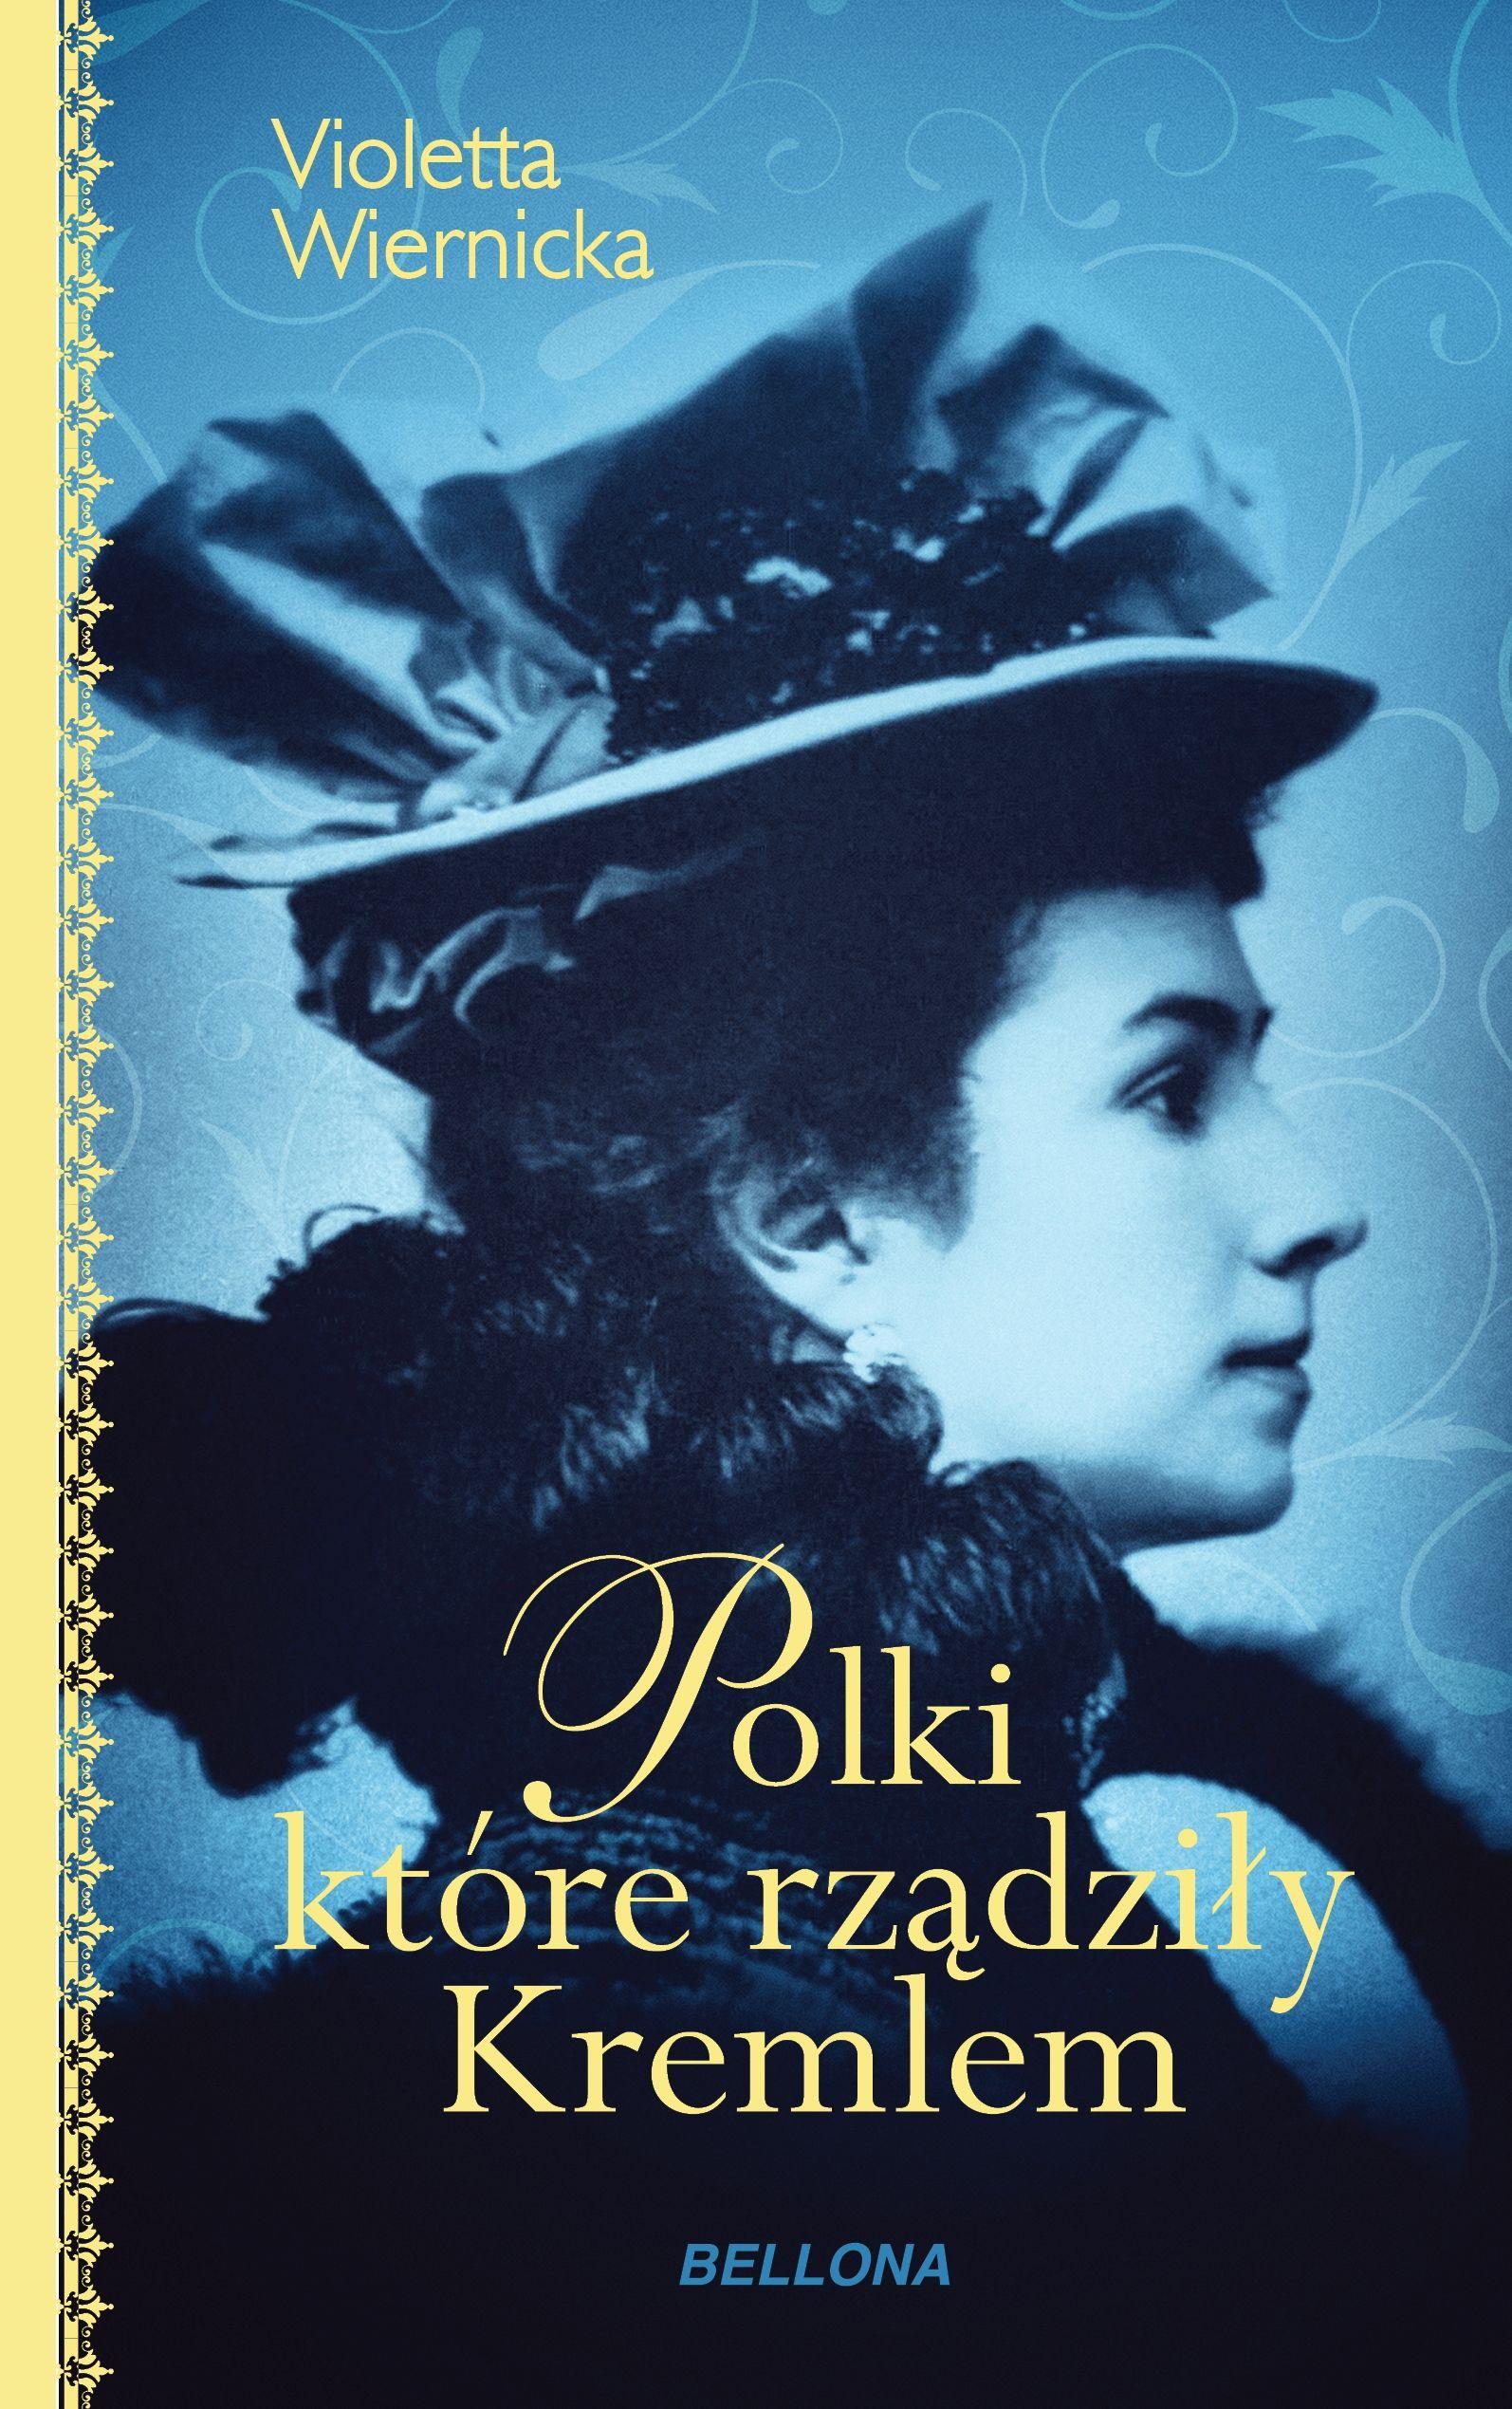 """Artykuł powstał w oparciu o książkę Violetty Wiernickiej pt. """"Polki, które rządziły Kremlem"""". Pozycję tę kupisz w księgarni Świata Książki."""